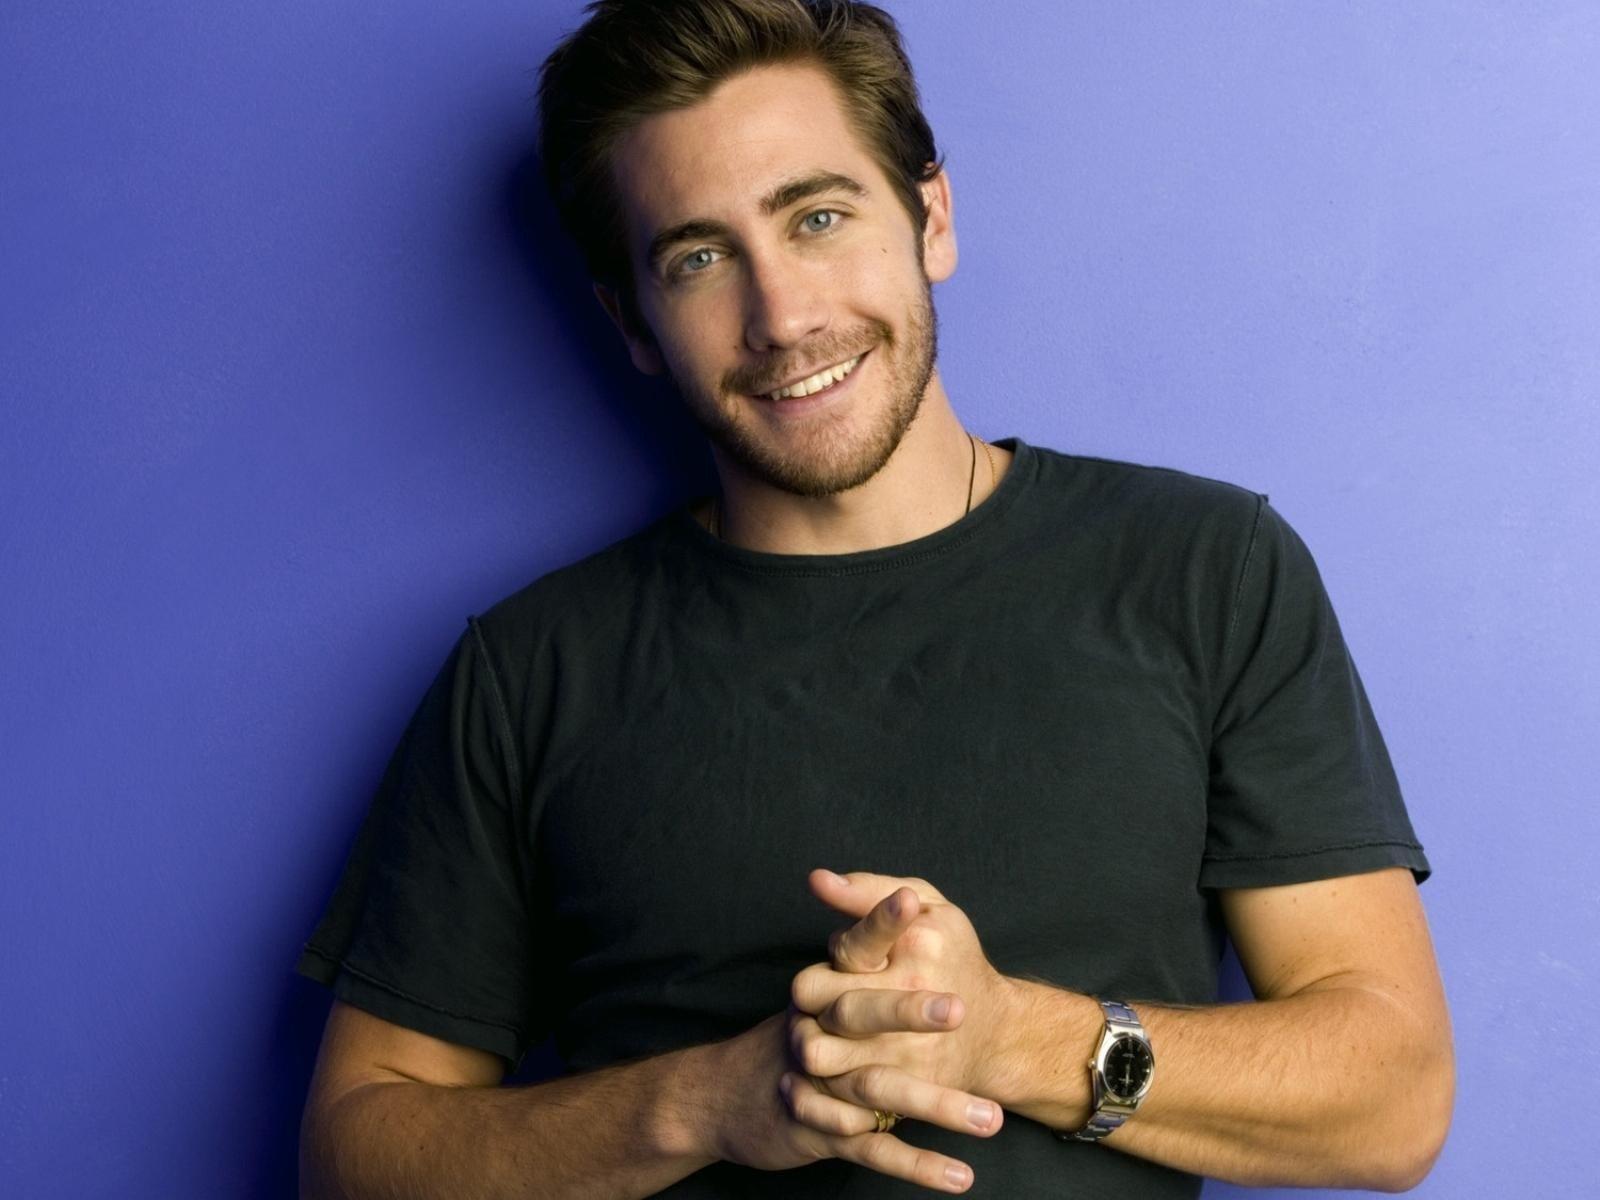 красивые американские актеры мужчины фото что должны сами